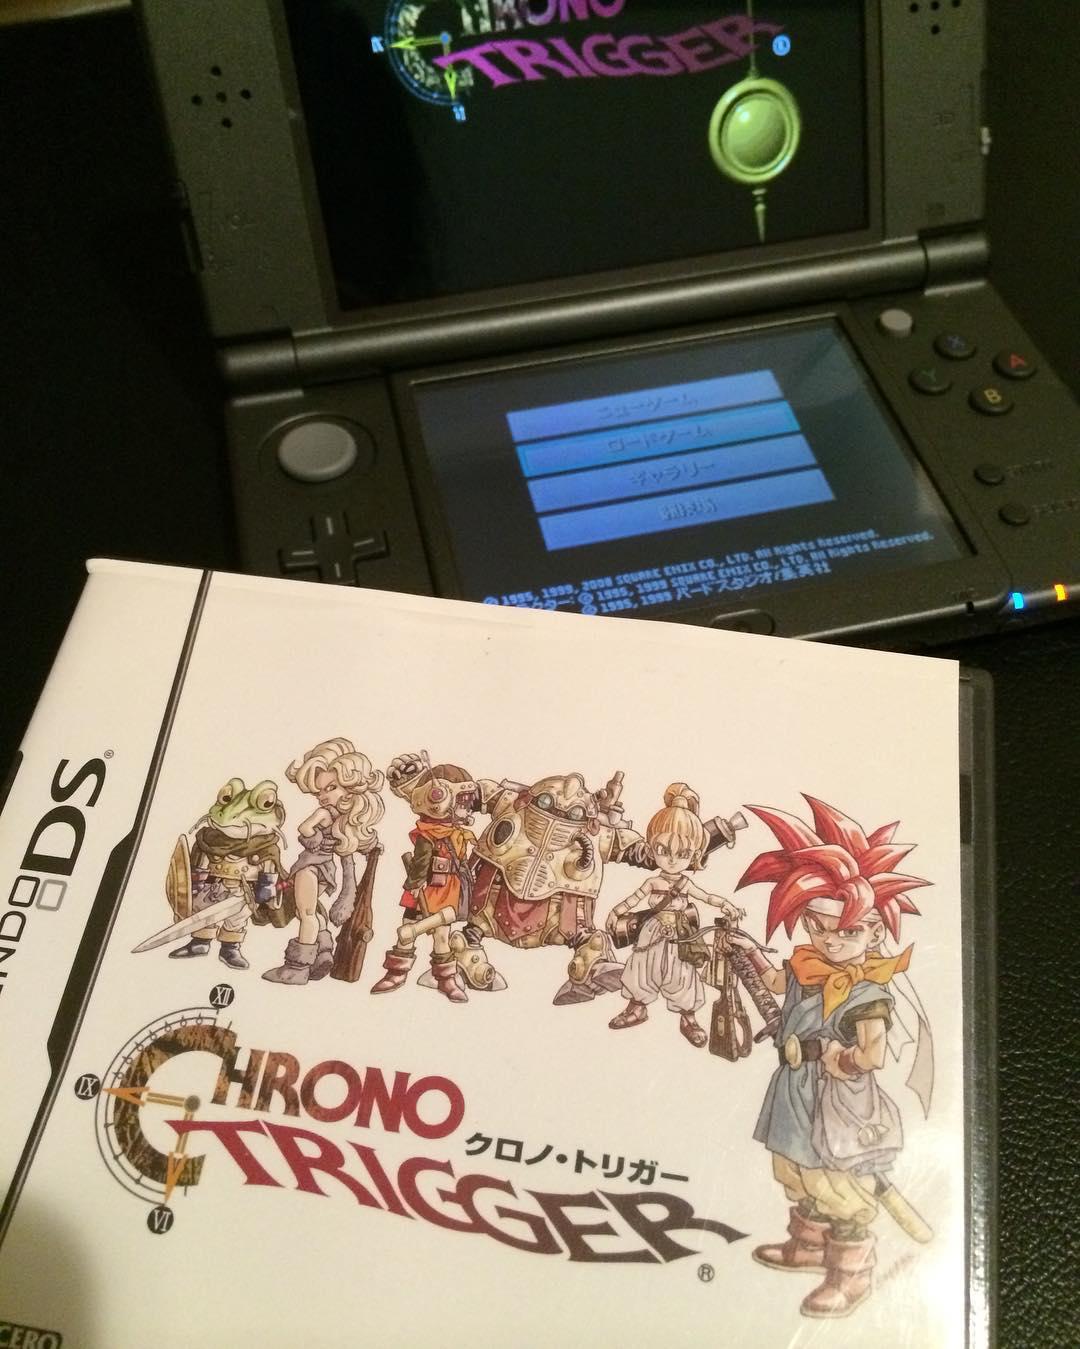 Chrono Trigger 21st September-3.jpg